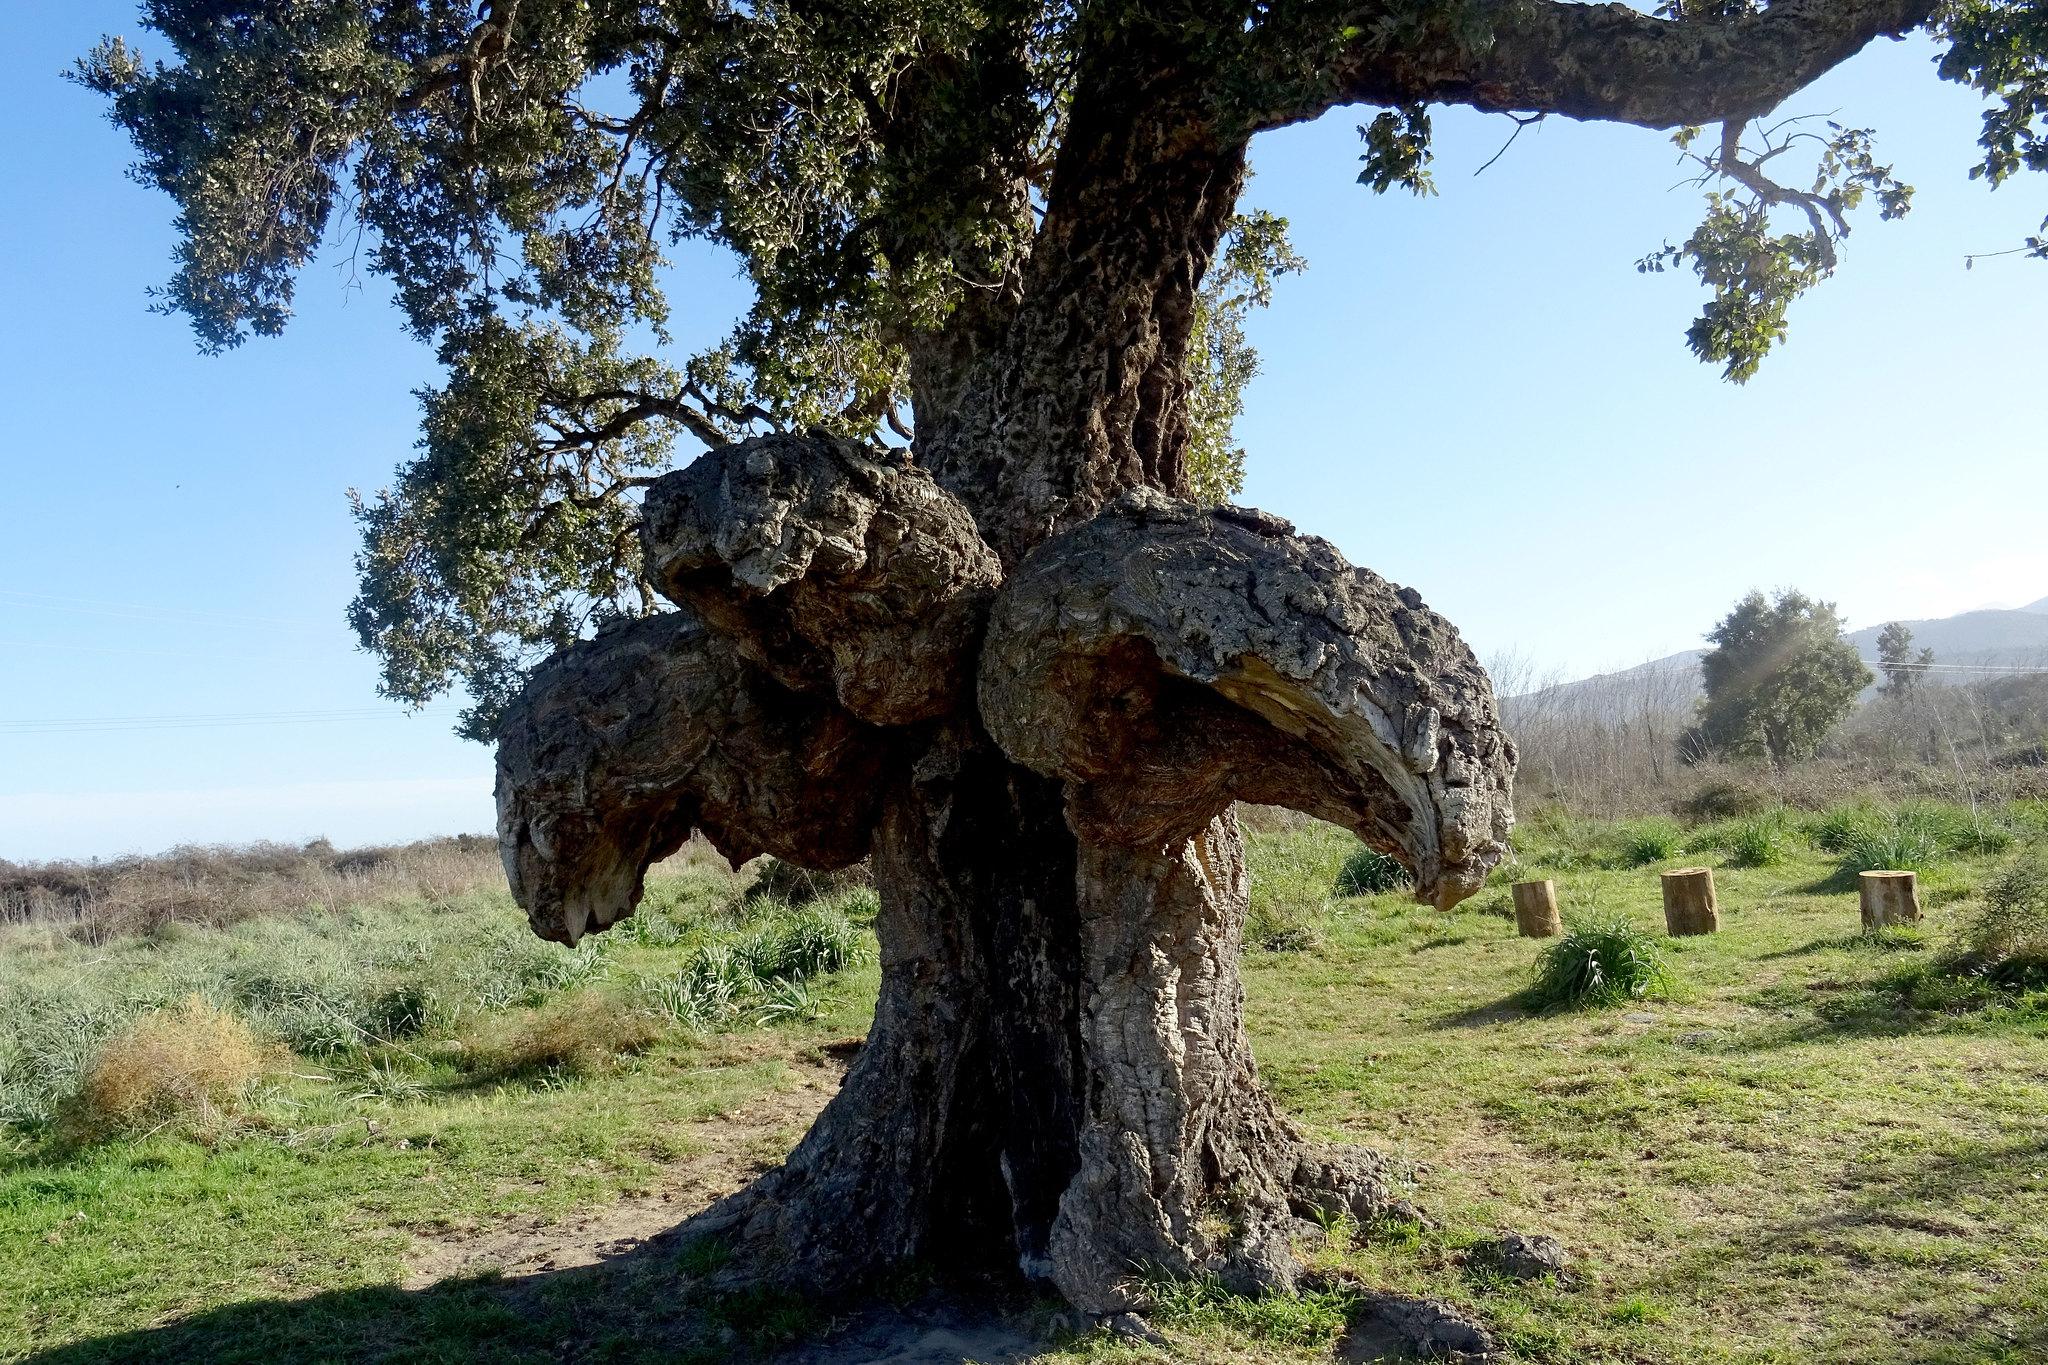 L'arbre-oiseau, l'arburacellu de Ghisonaccia arbre de l'année 2018